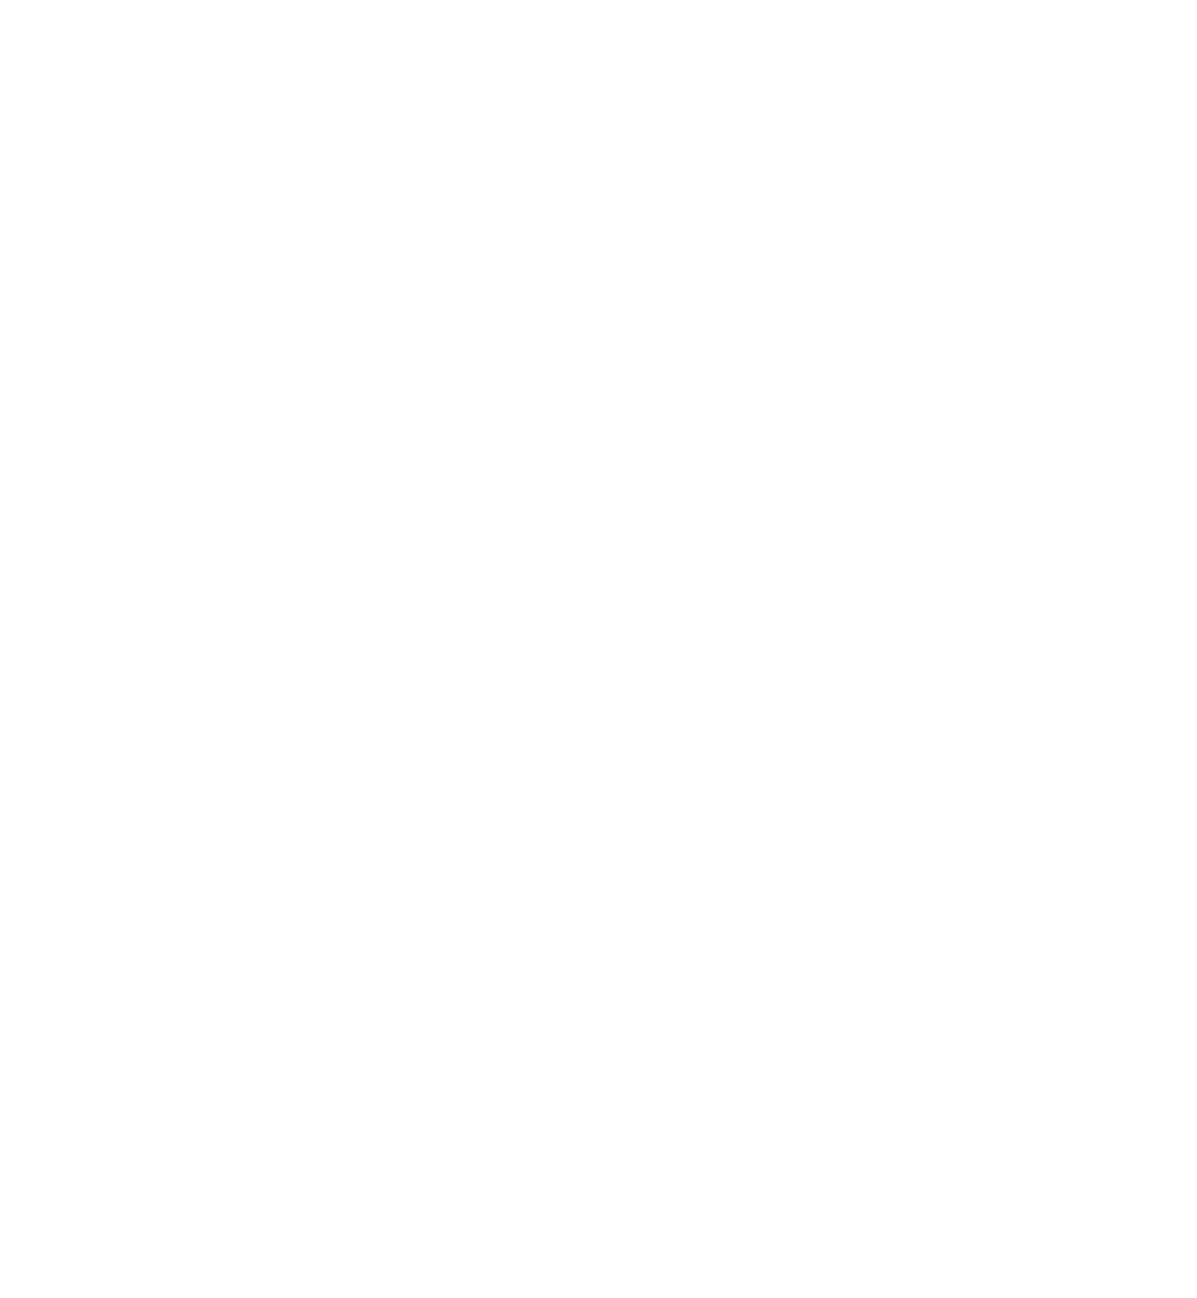 Ch3p36